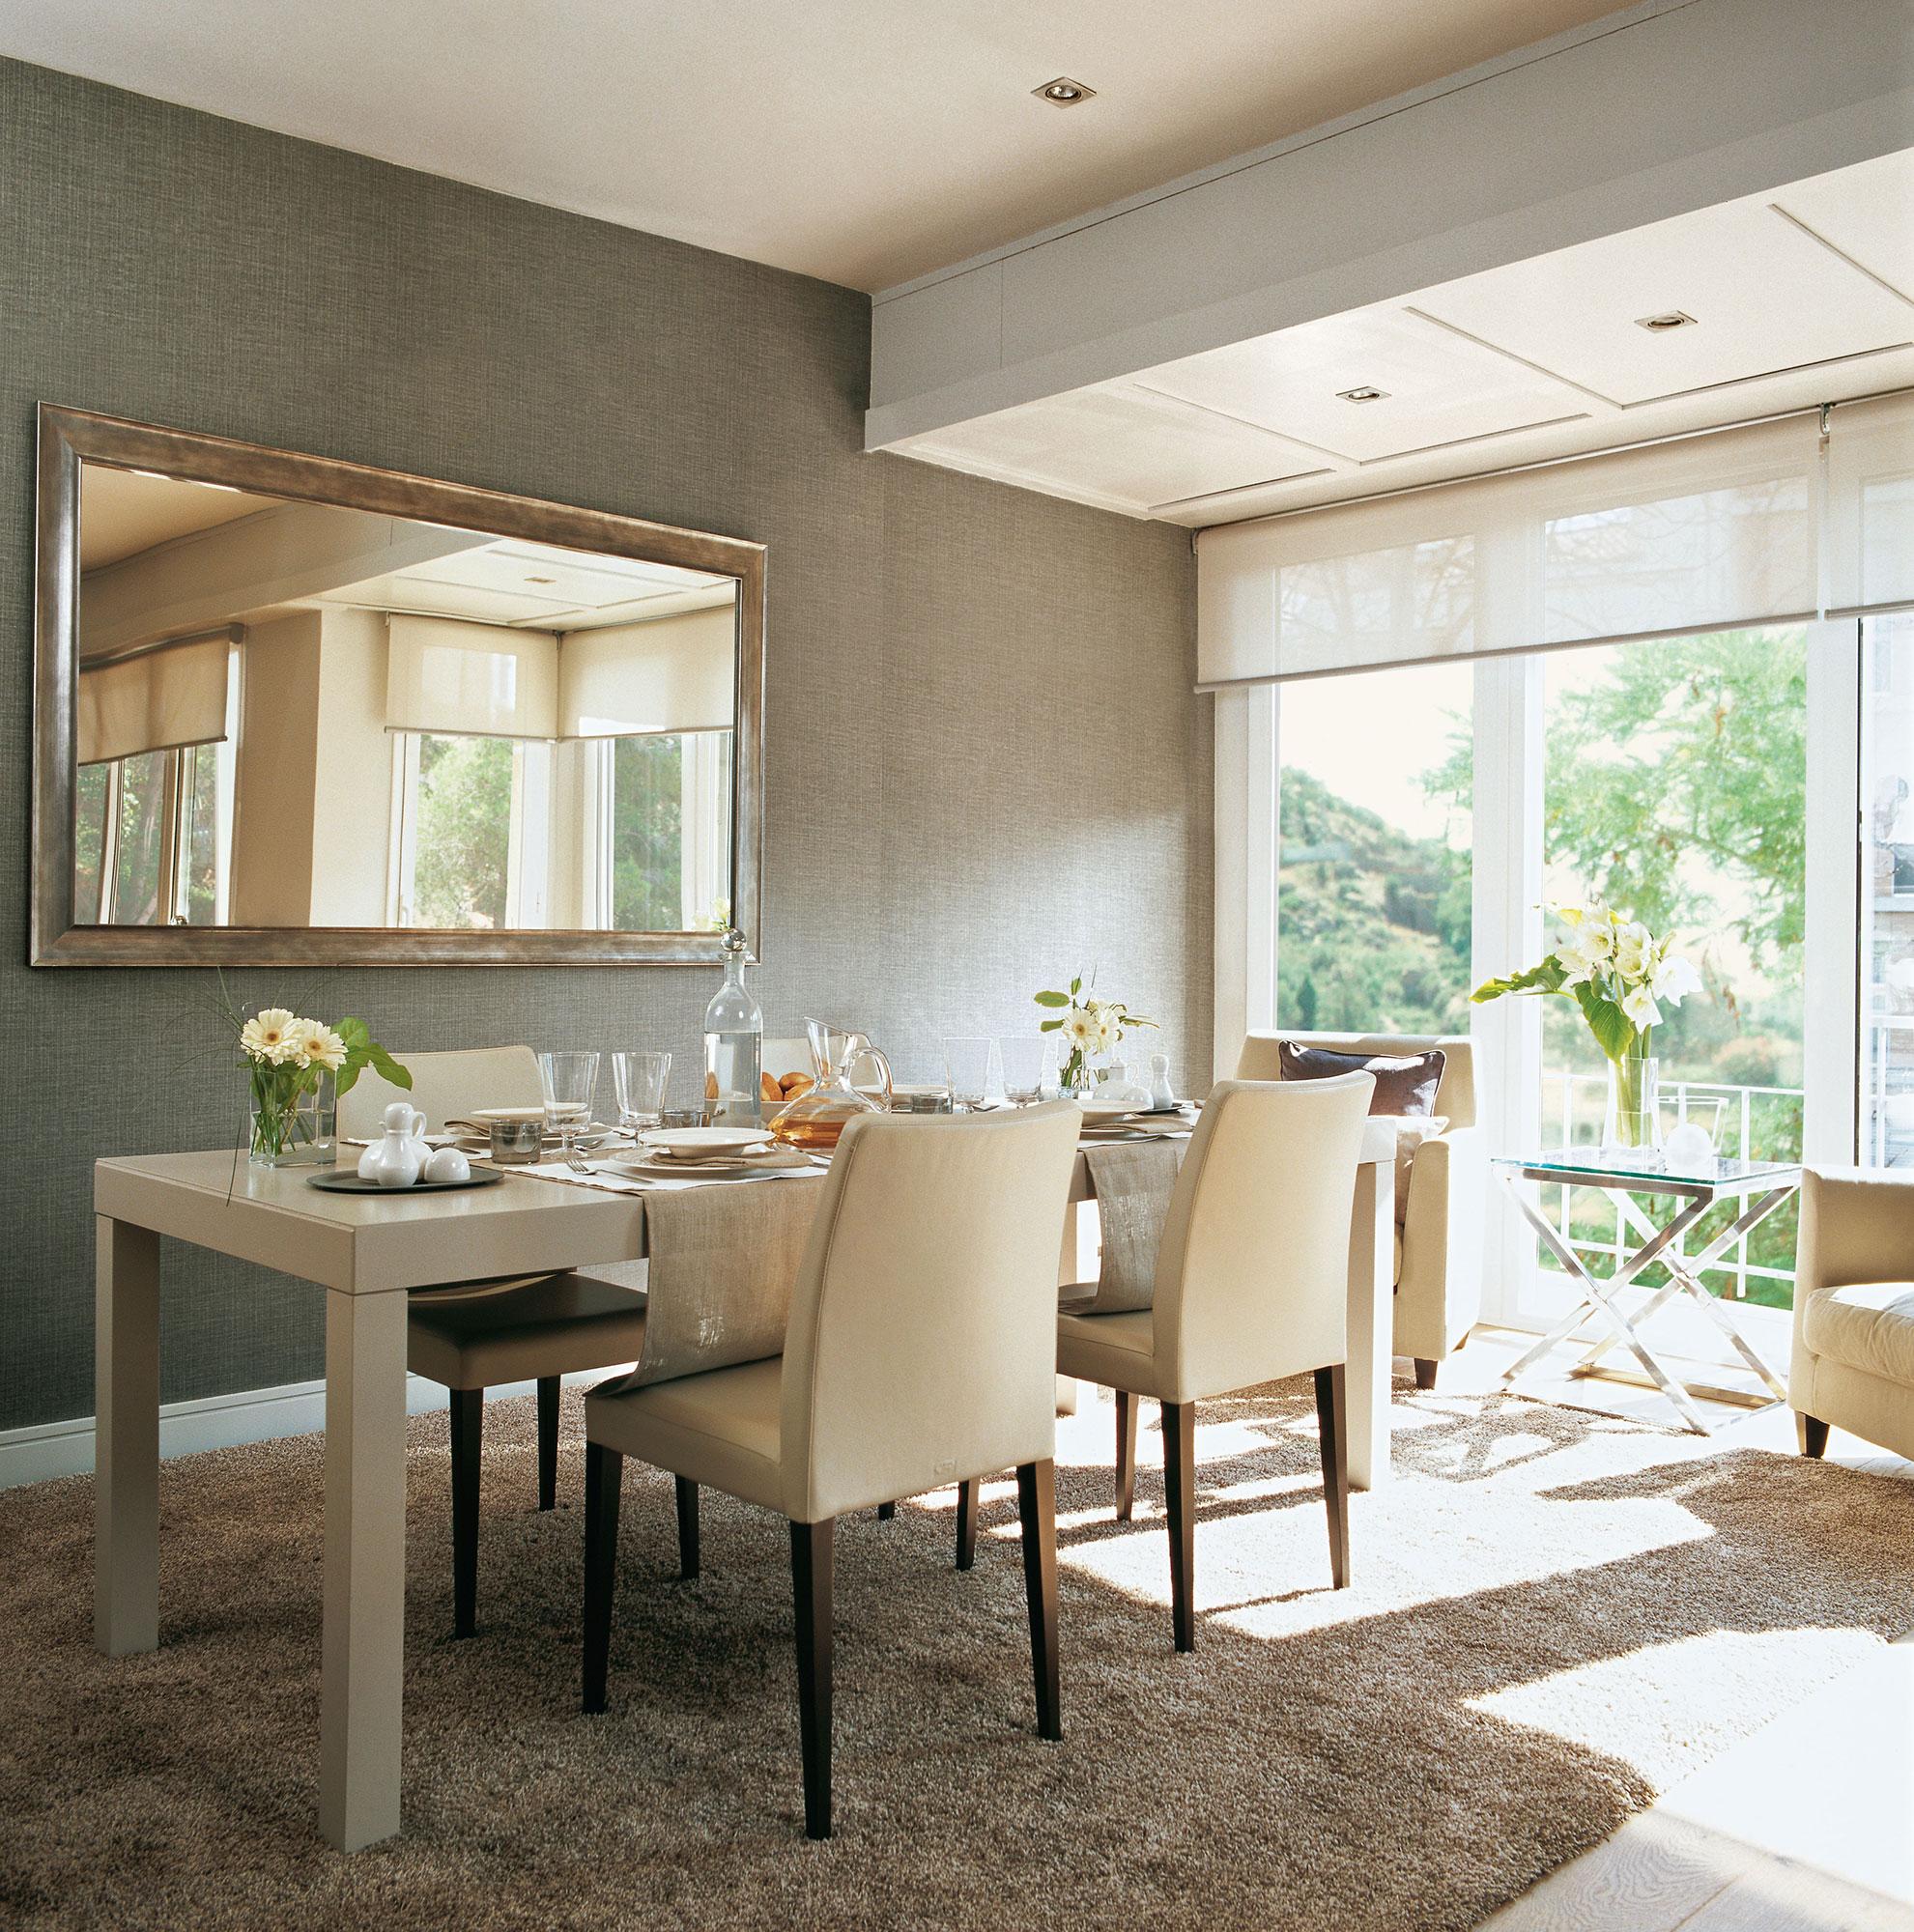 Pintura cambia tu casa con los efectos del color for Mi casa decoracion pontevedra